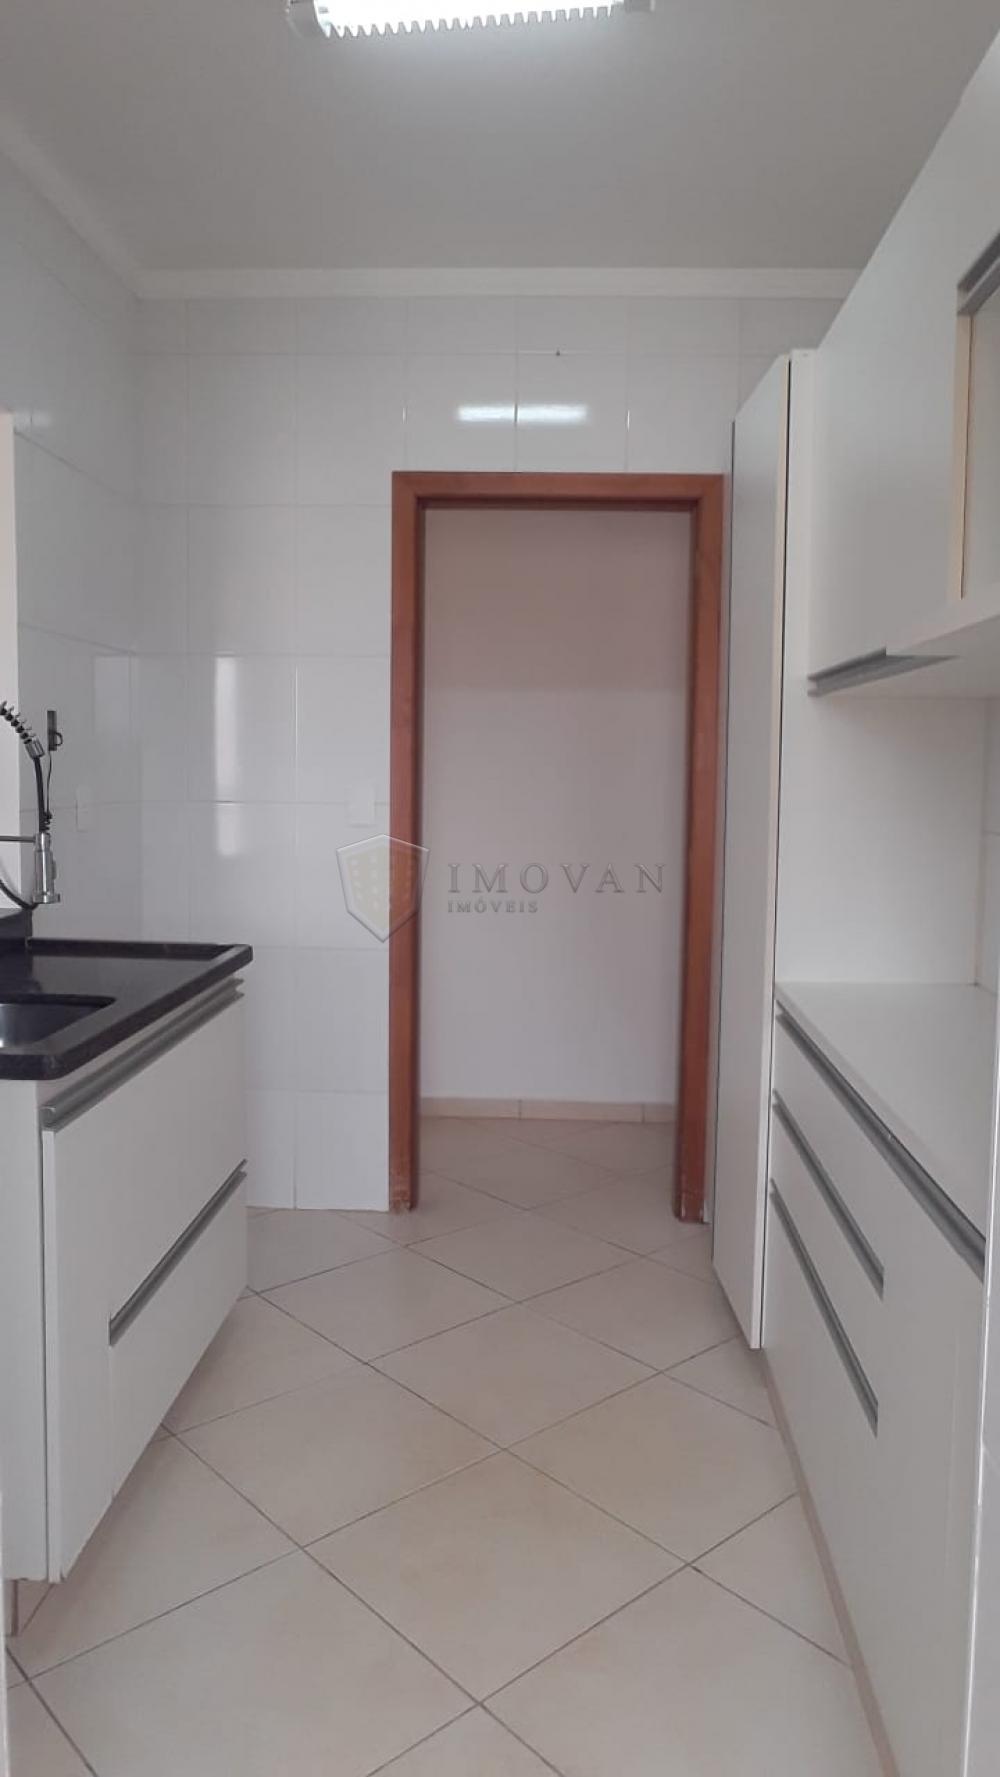 Alugar Apartamento / Cobertura em Ribeirão Preto apenas R$ 1.600,00 - Foto 7